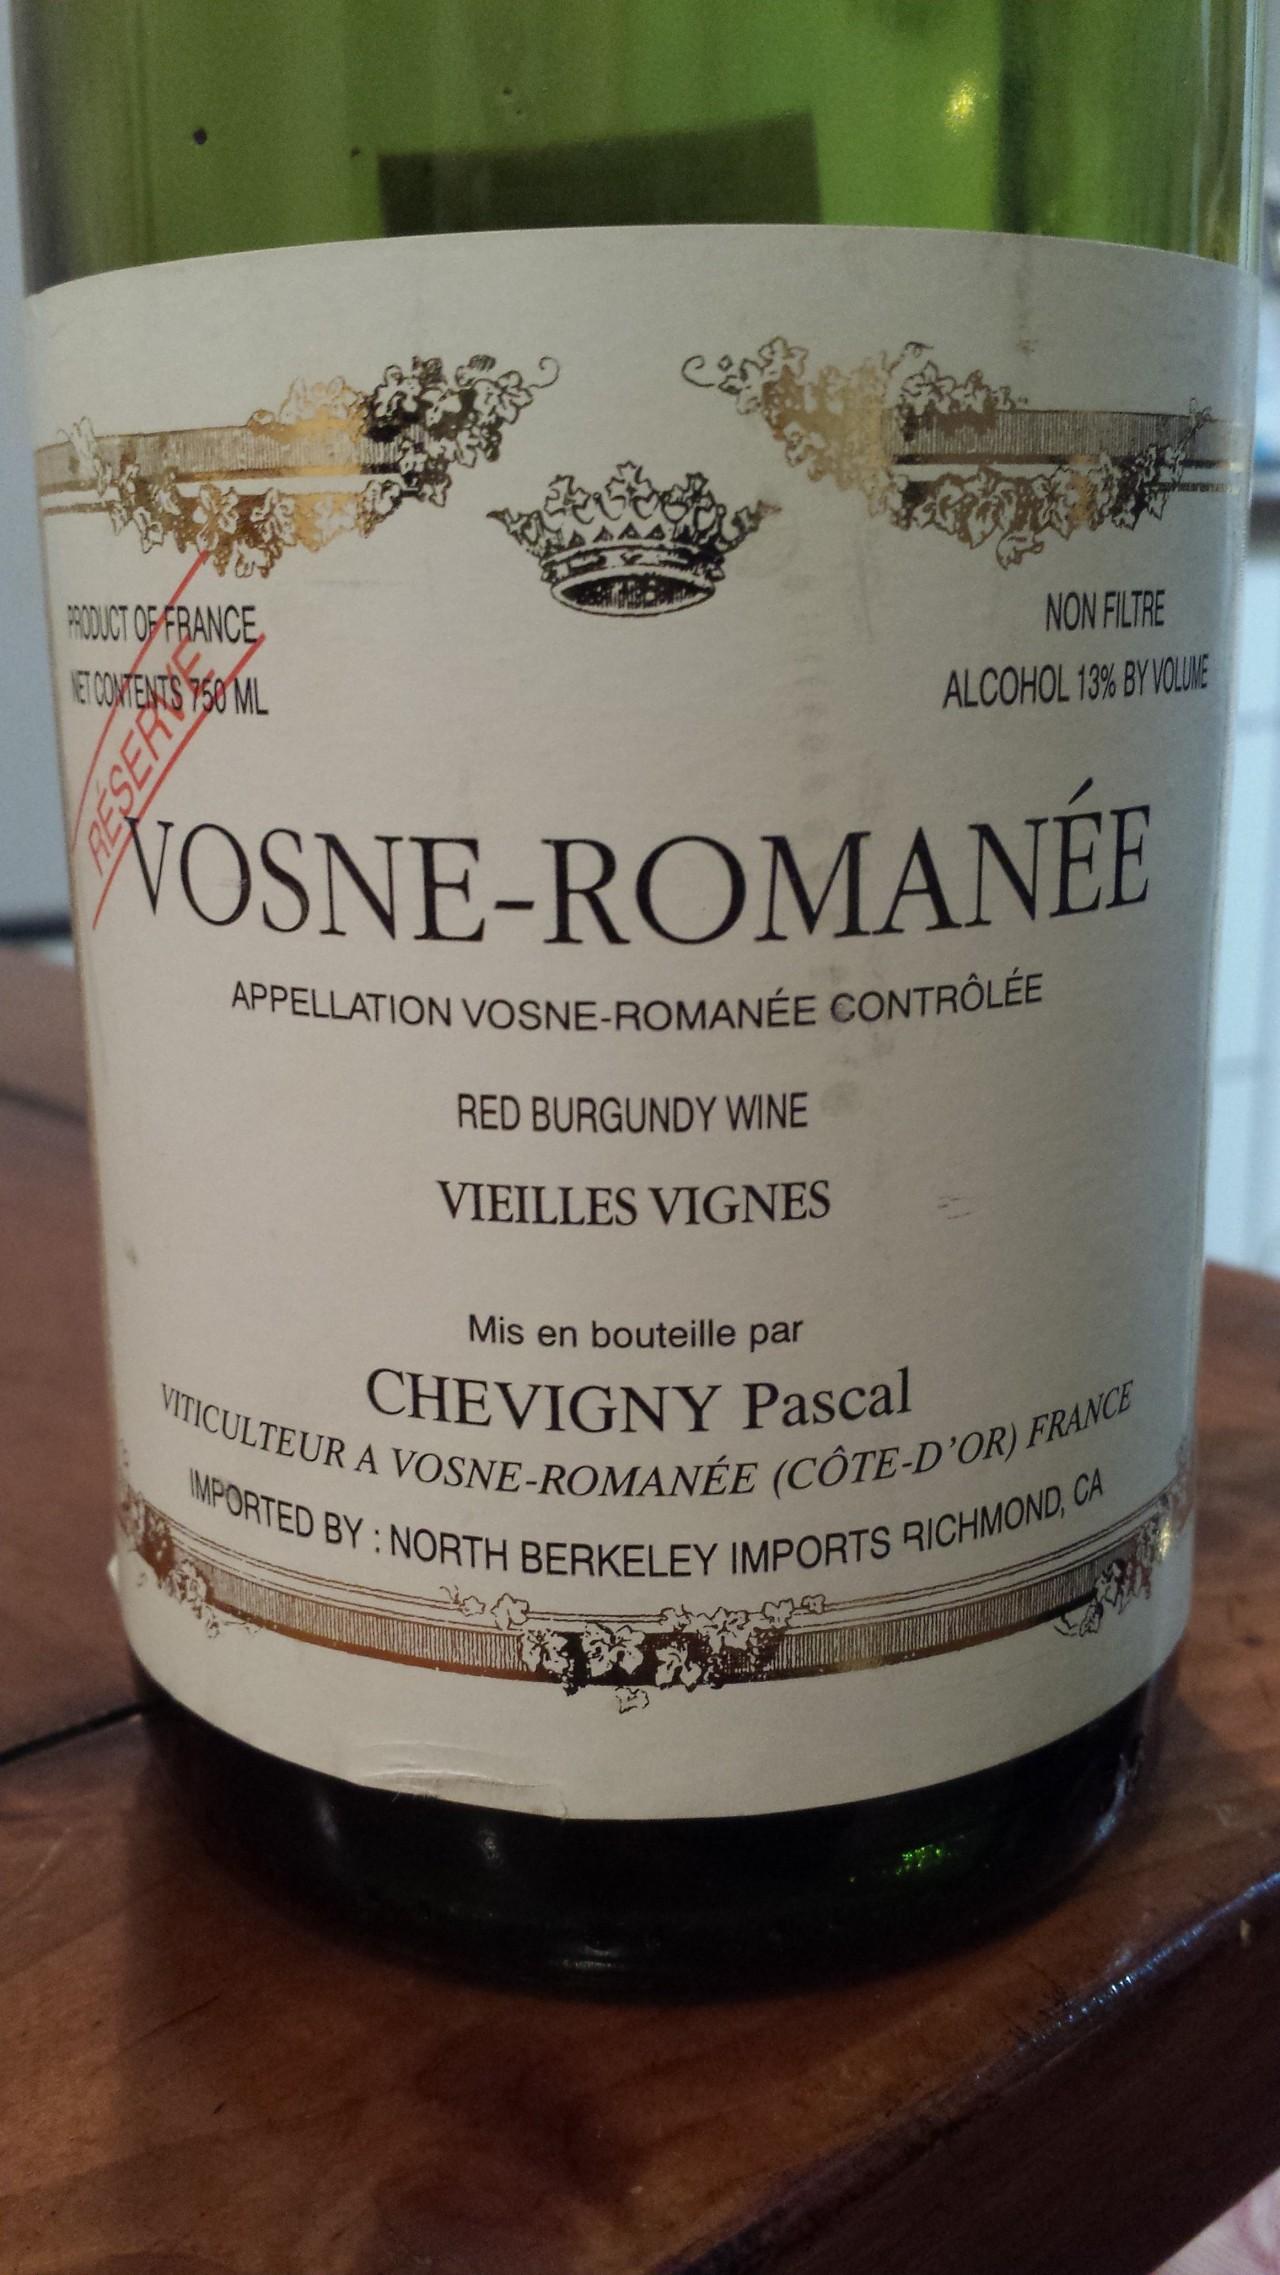 photo Chevigny Pascal Vosne-Romanee Vieilles Vignes Reserve